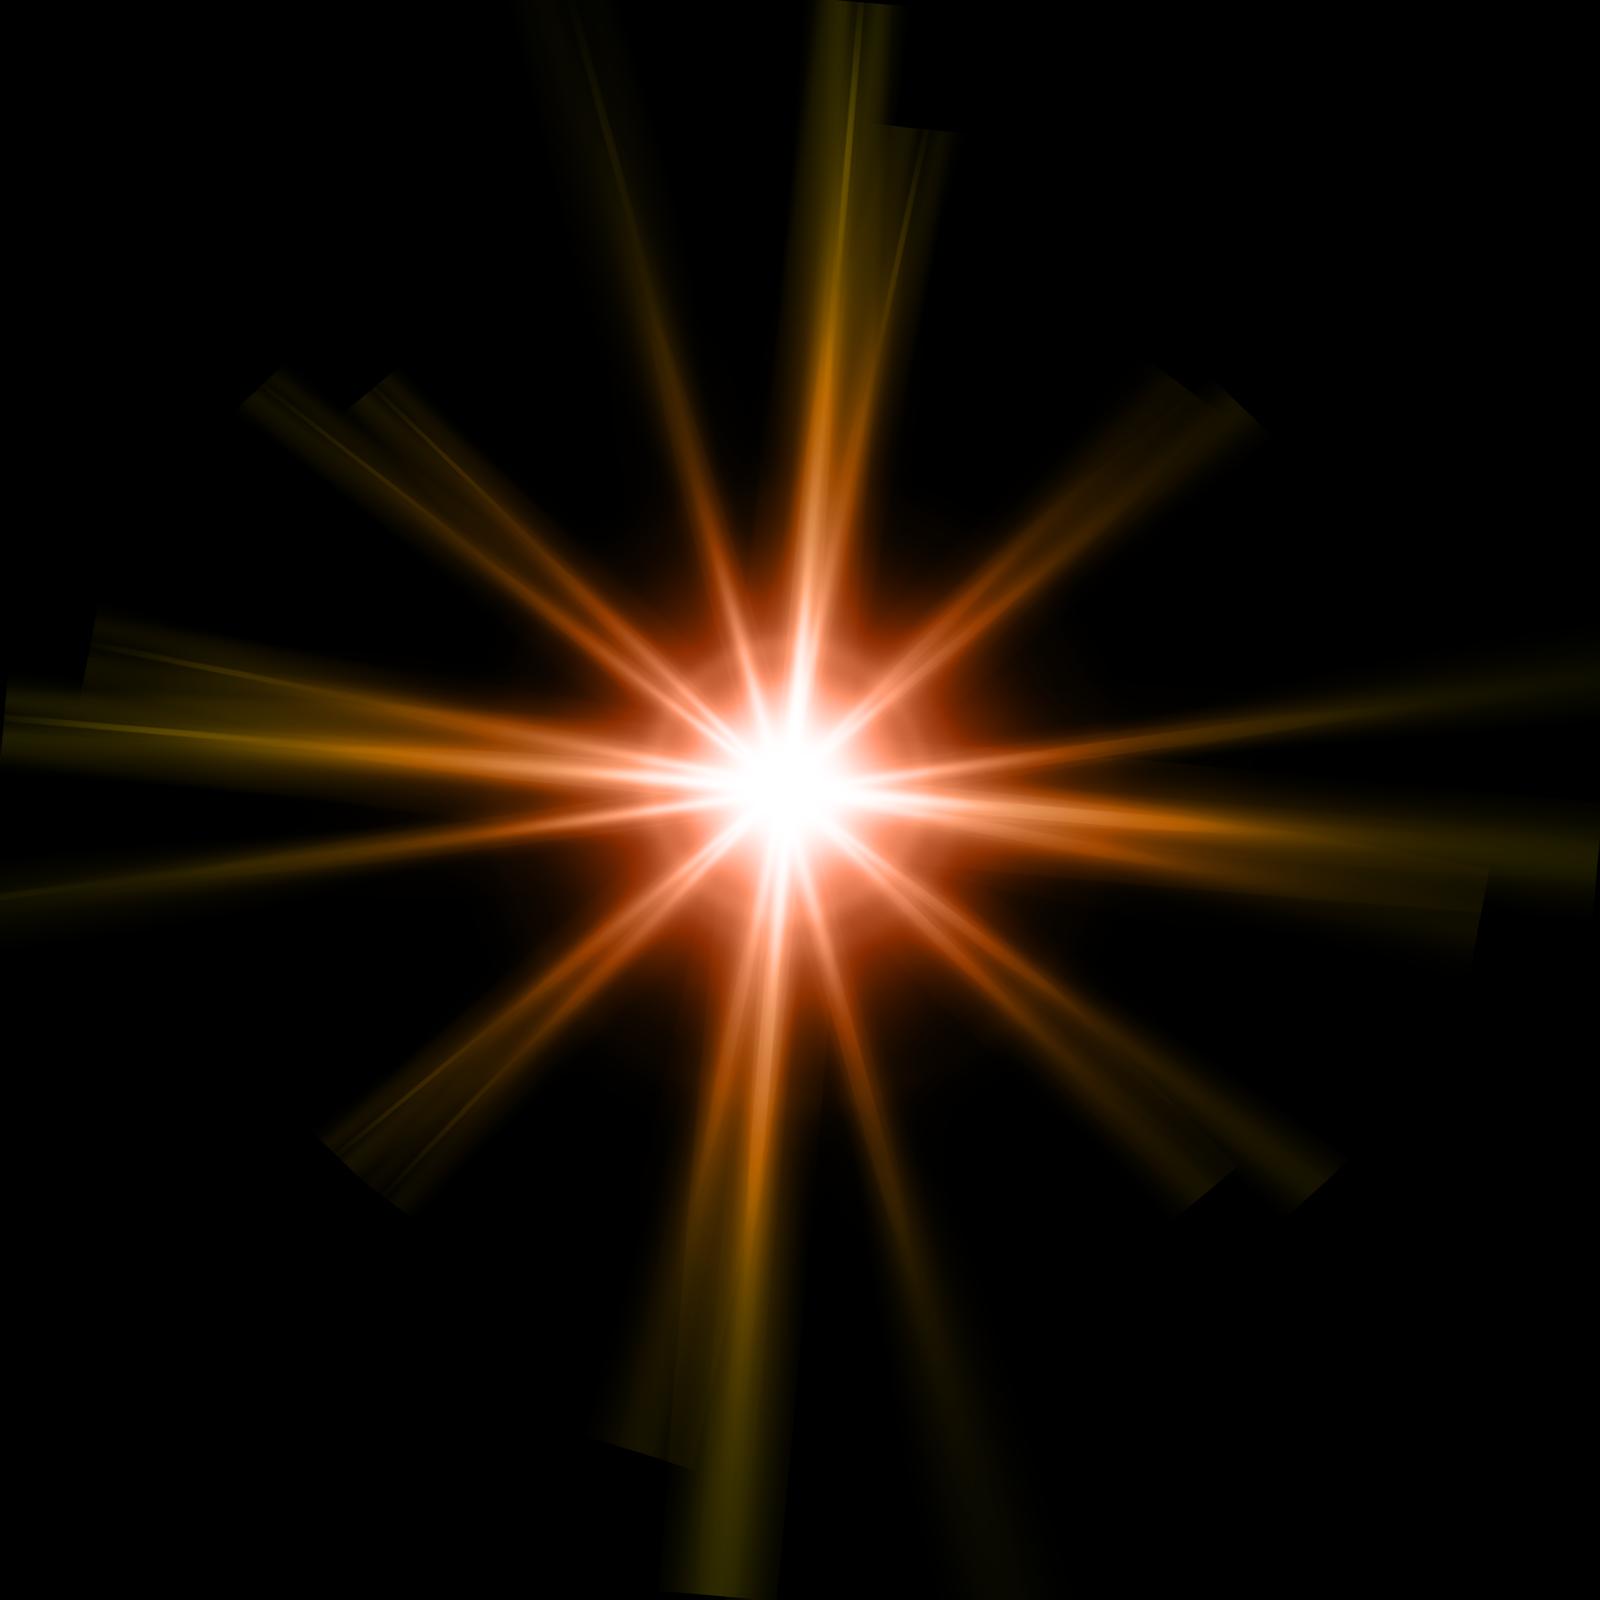 Lightroom lens flare